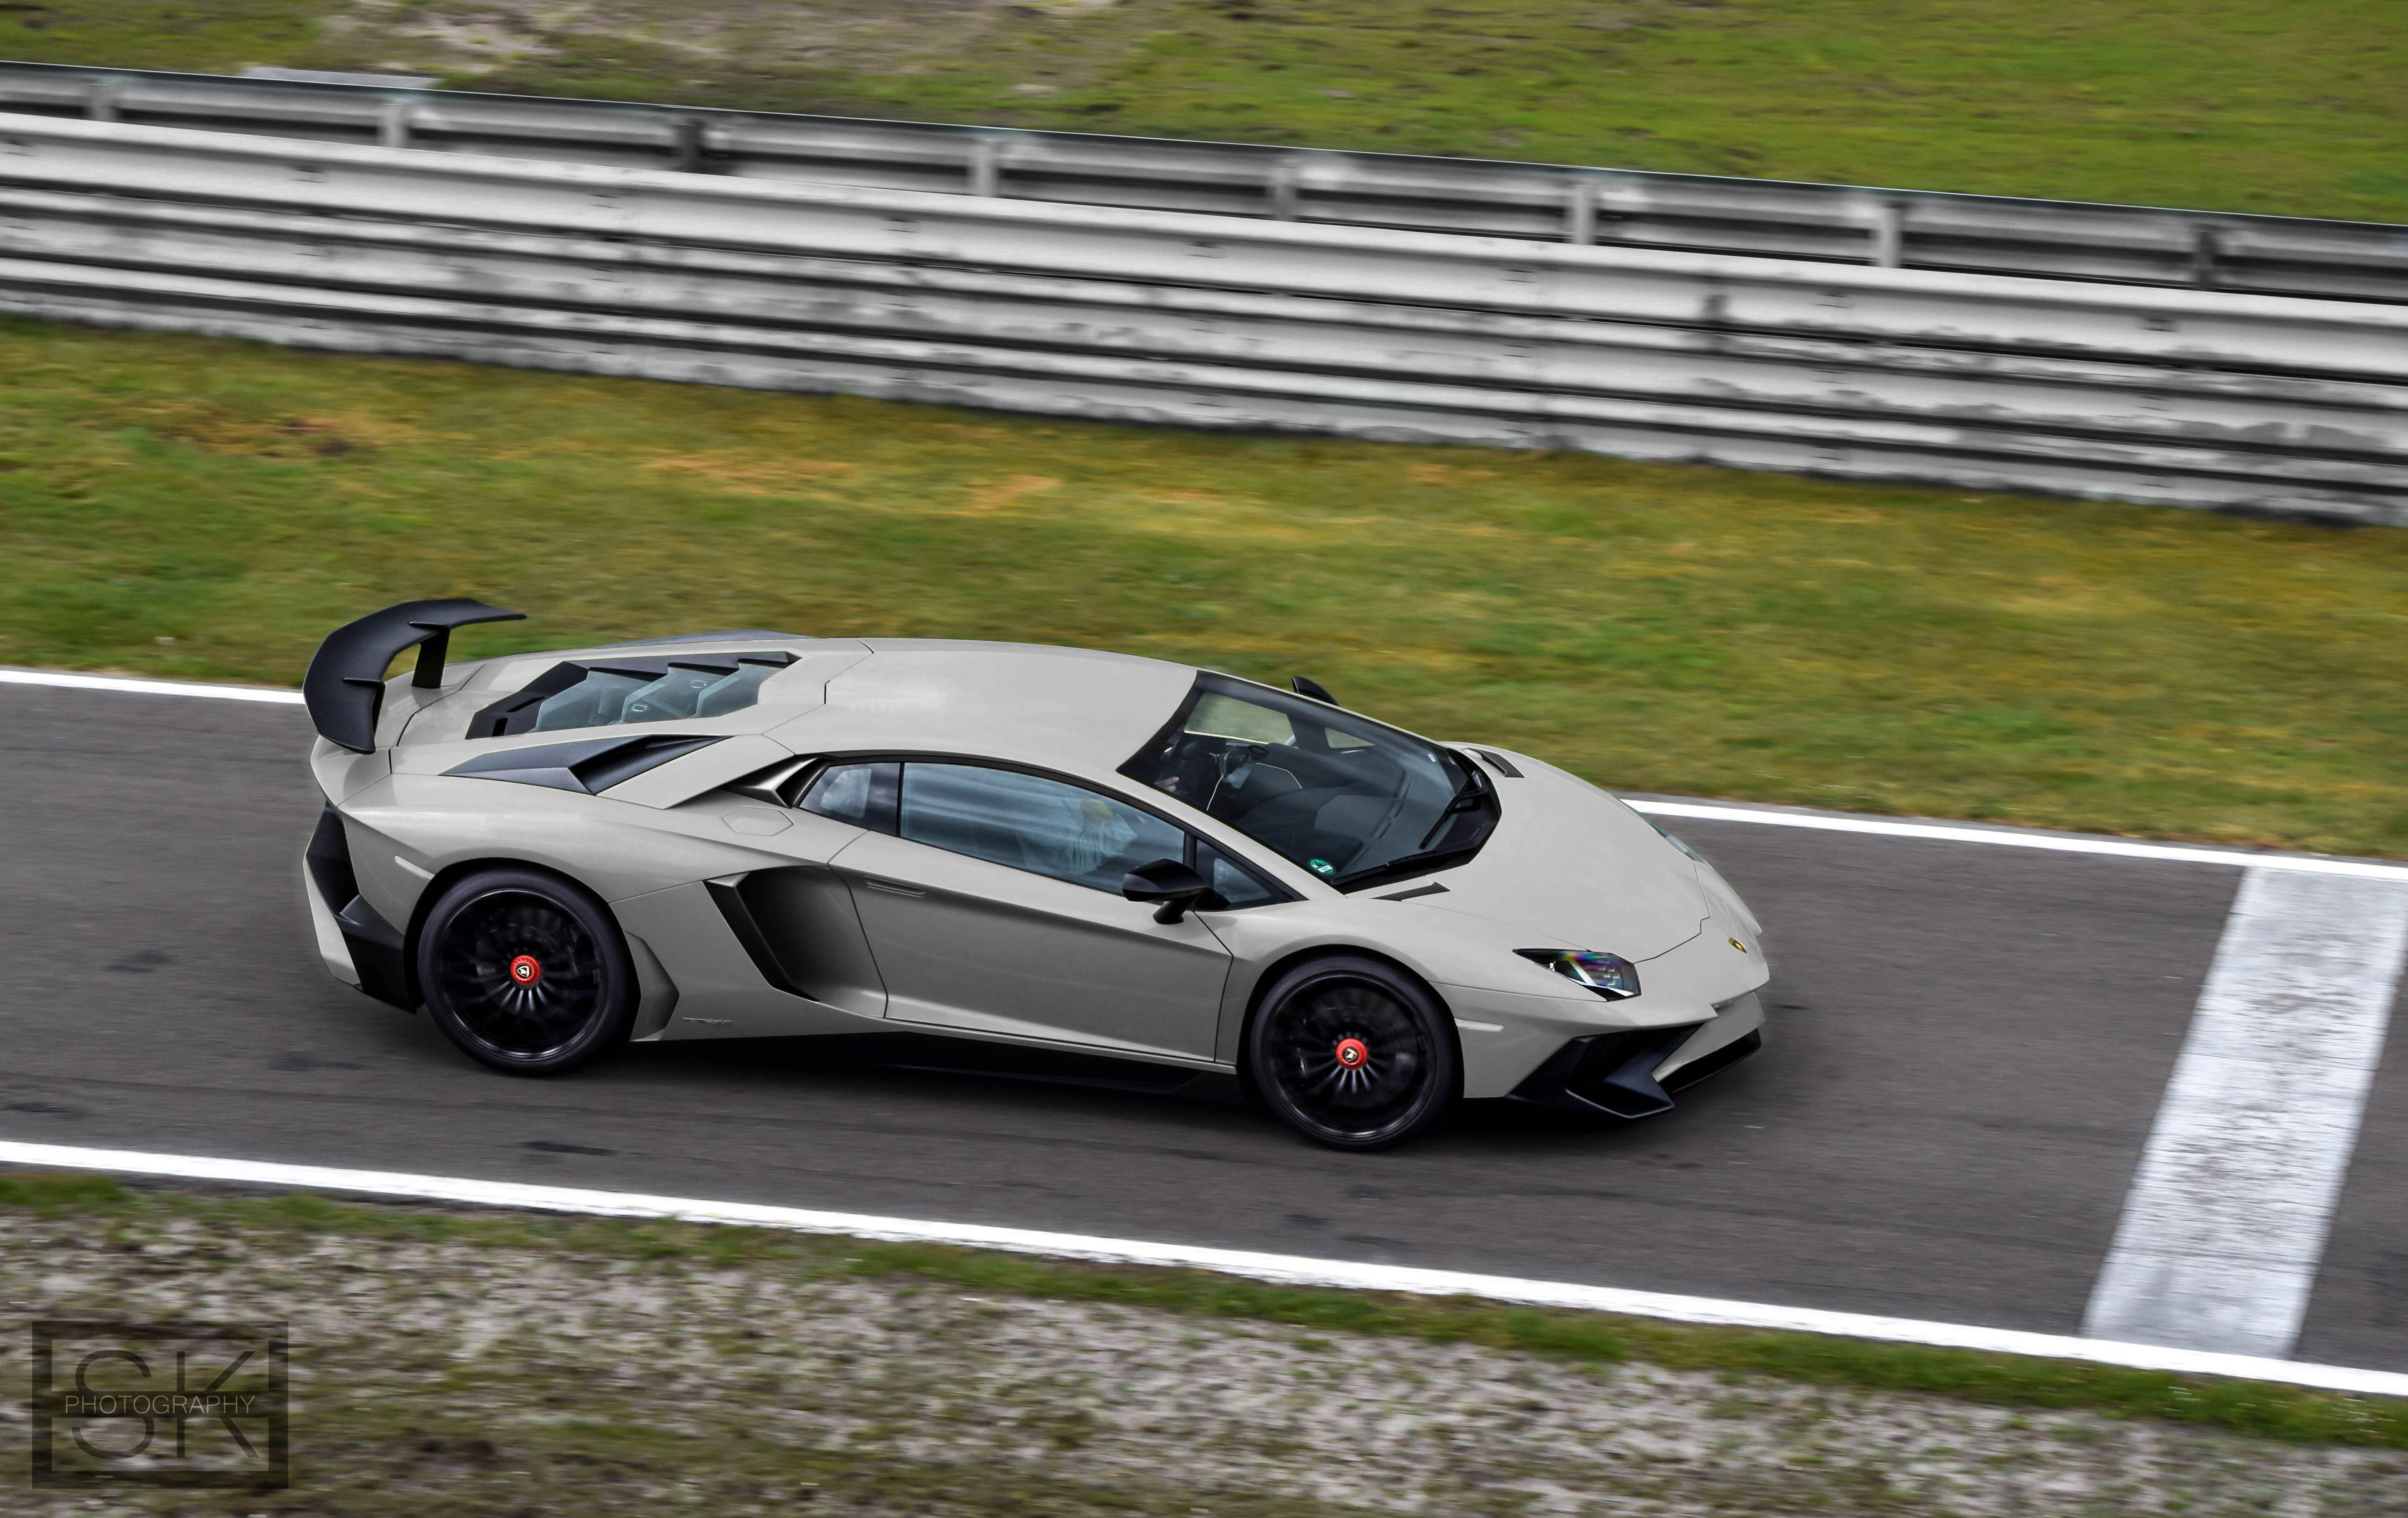 gear coupe e gallardo lamborghini release around sale cars walk redesign date convertible for tour